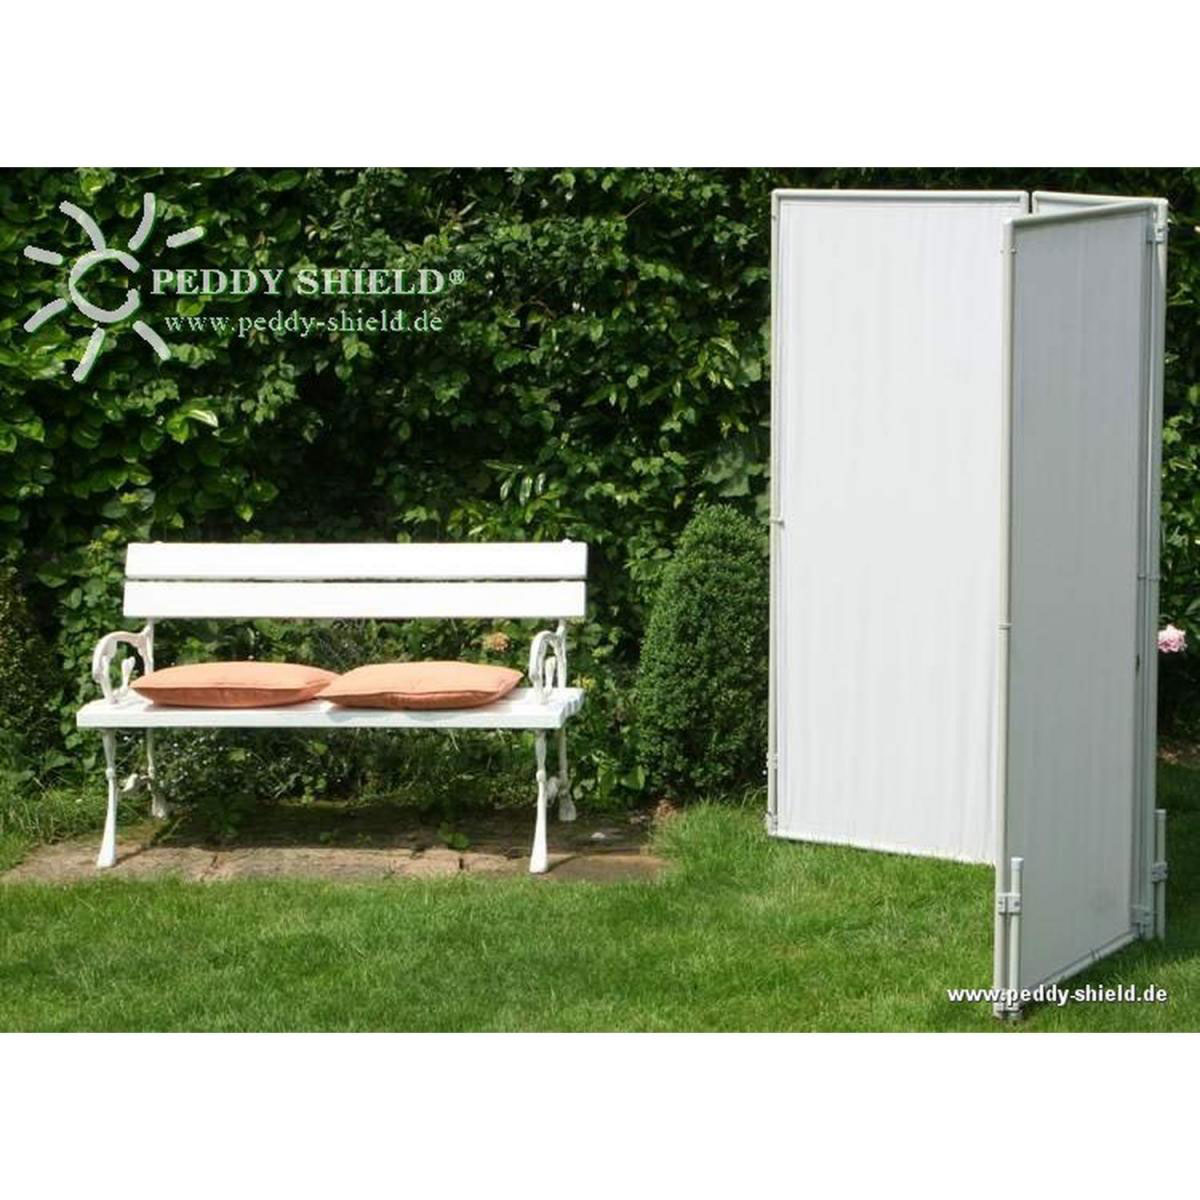 Full Size of Outdoor Paravent Floracord Schraub Erdanker Garten Küche Edelstahl Kaufen Wohnzimmer Outdoor Paravent